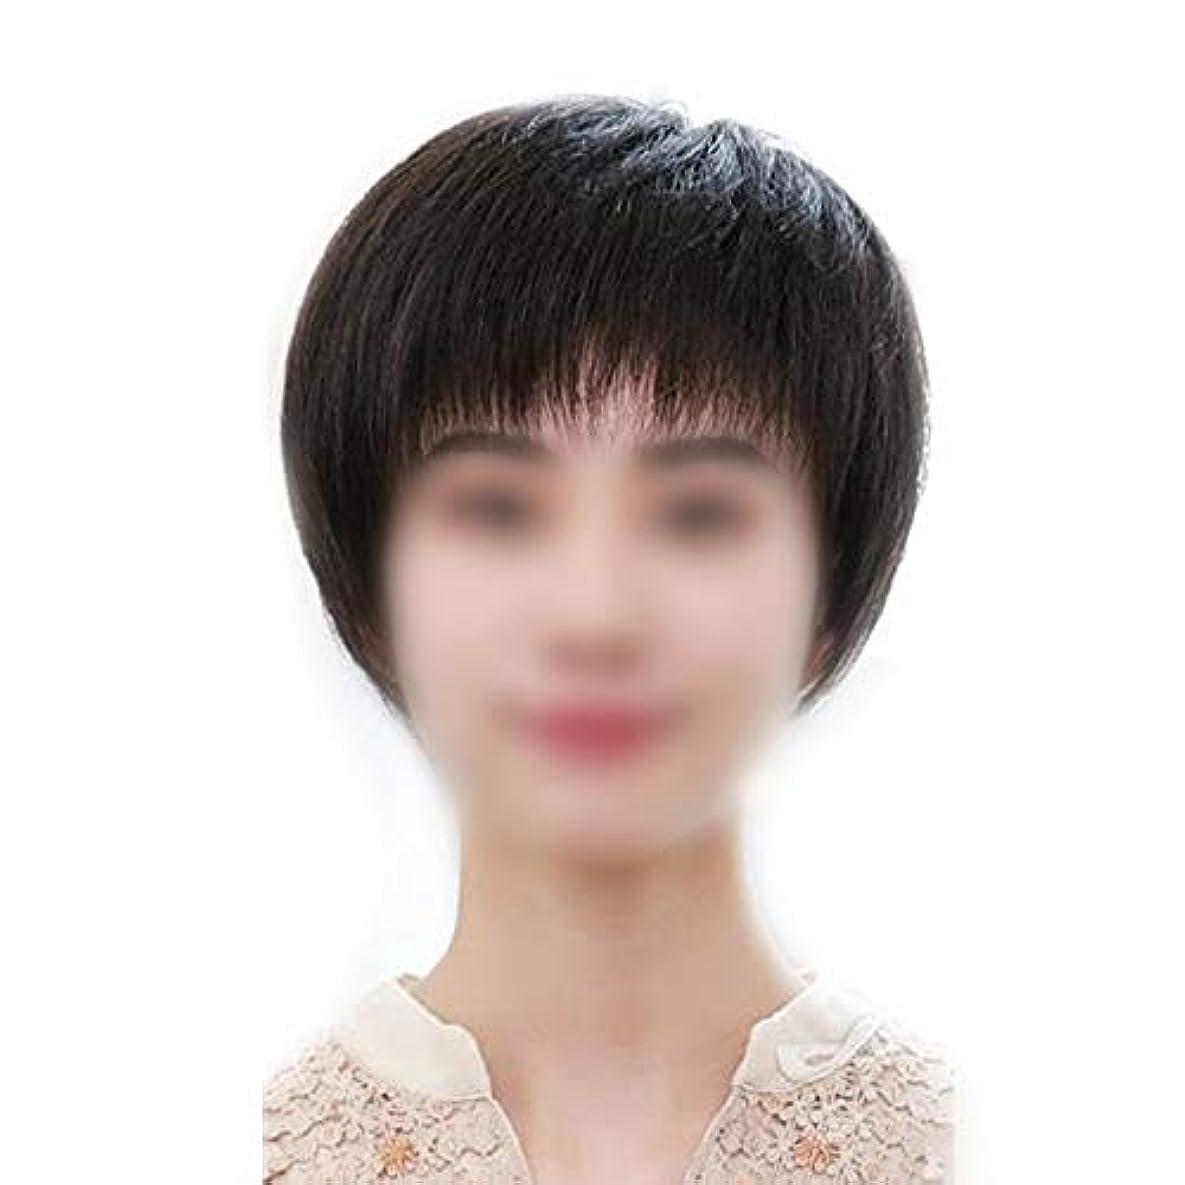 強度おばさん先史時代のYOUQIU 女子ショートヘアのフルハンド織実ヘアウィッグ現実的な自然に見えるウィッグ (色 : Dark brown)